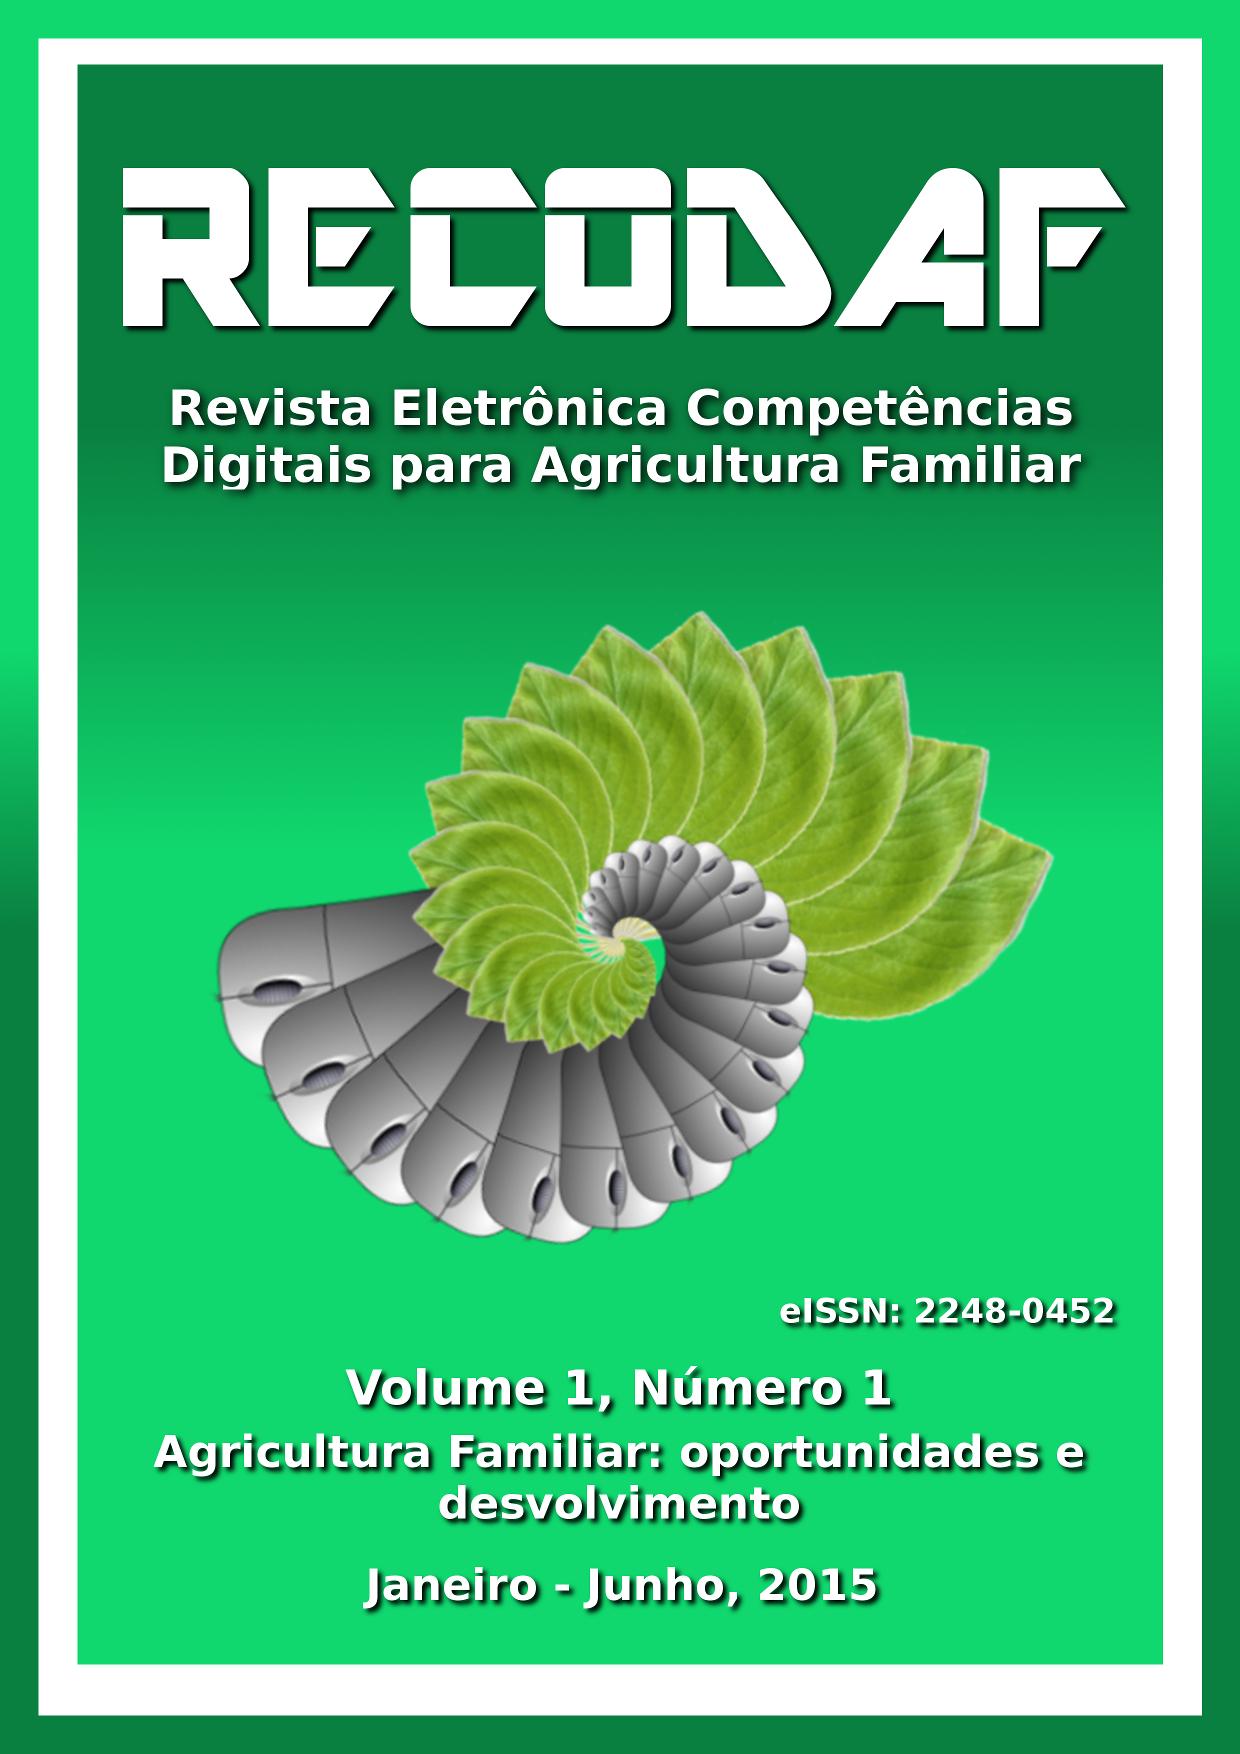 """Revista Eletrônica Competências Digitais para Agriculgura Familiar. Tema: """"Agricultura Familiar: oportunidades e desenvolvimento"""""""